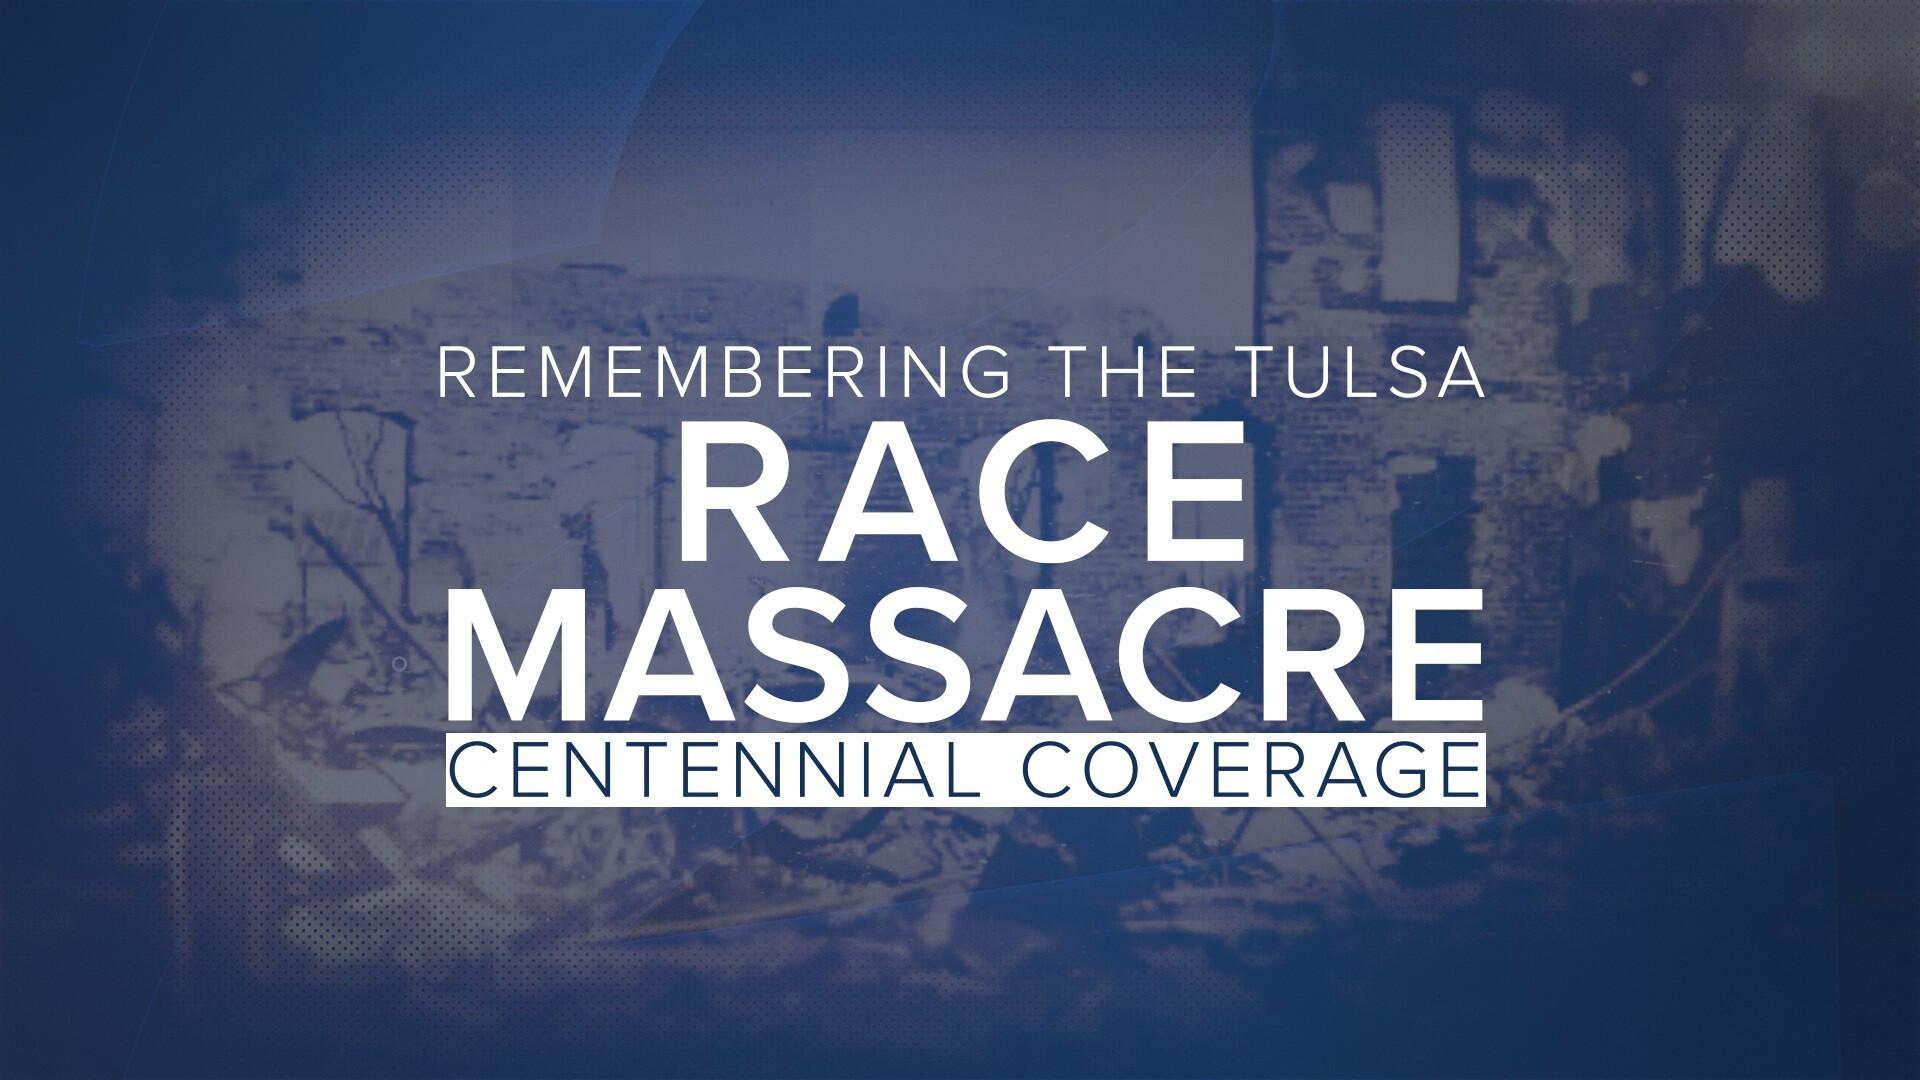 BANNER: Tulsa Race Massacre Centennial